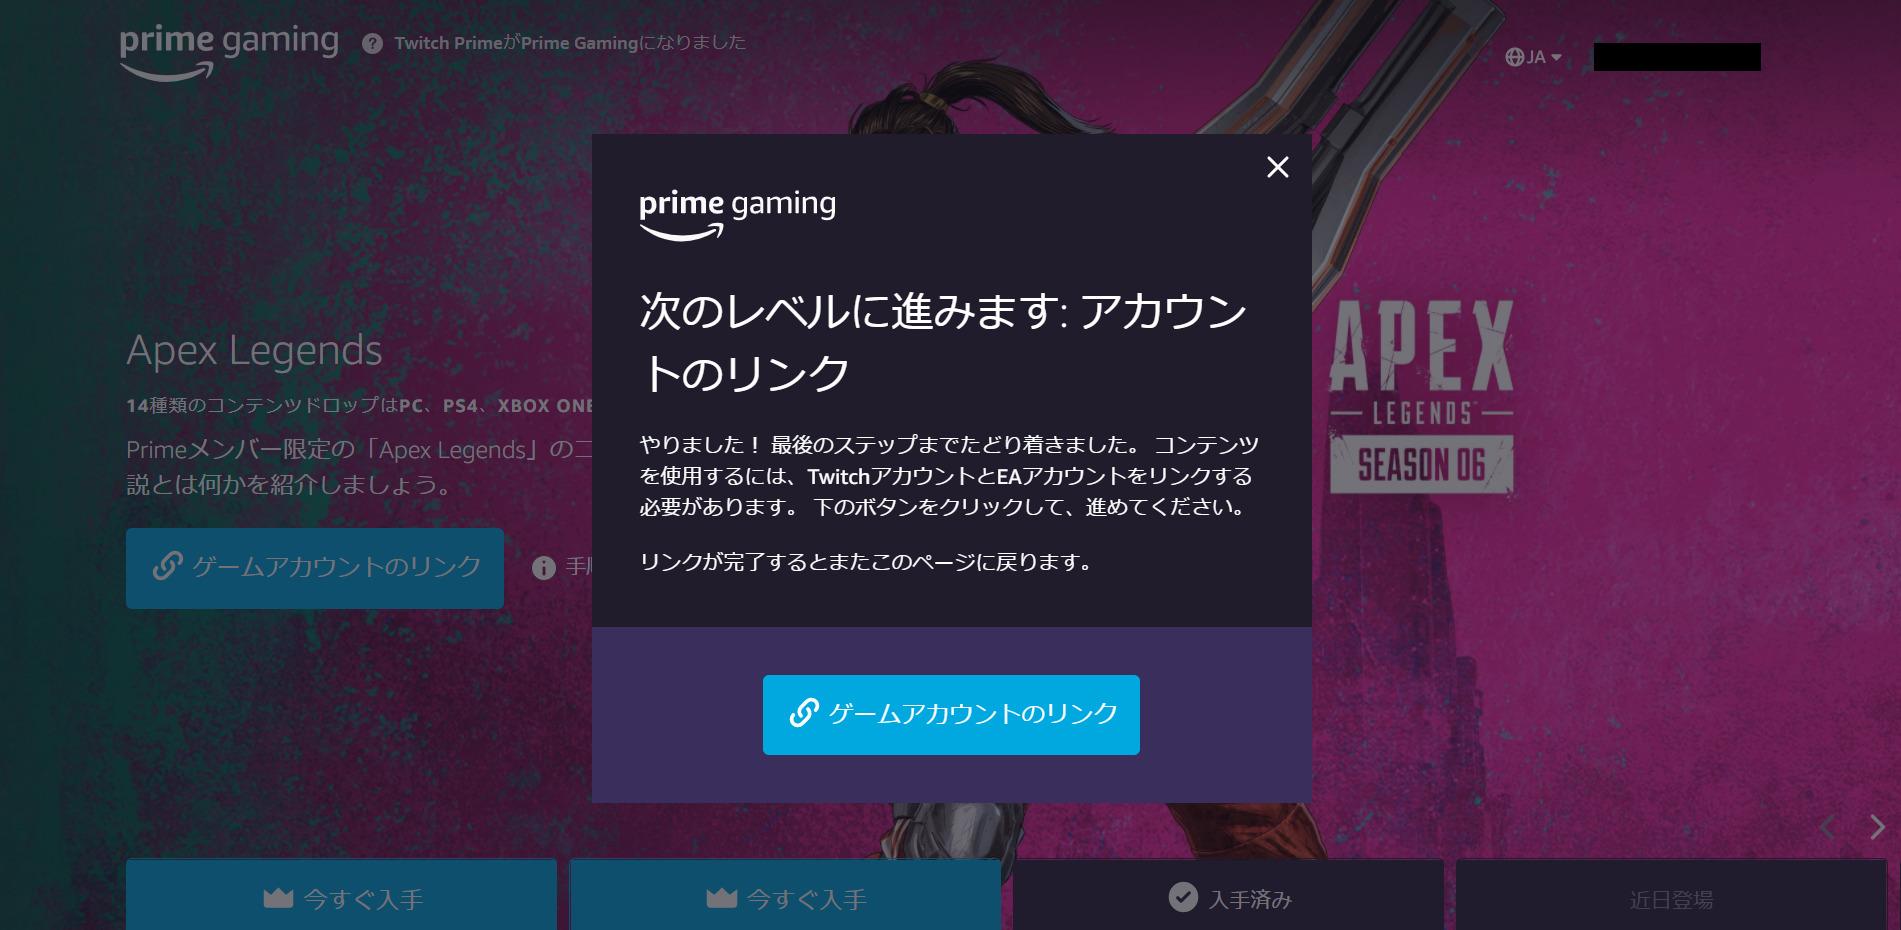 【APEX LEGENDS】新レジェンド「ランパート」のTwitchプライム限定スキン